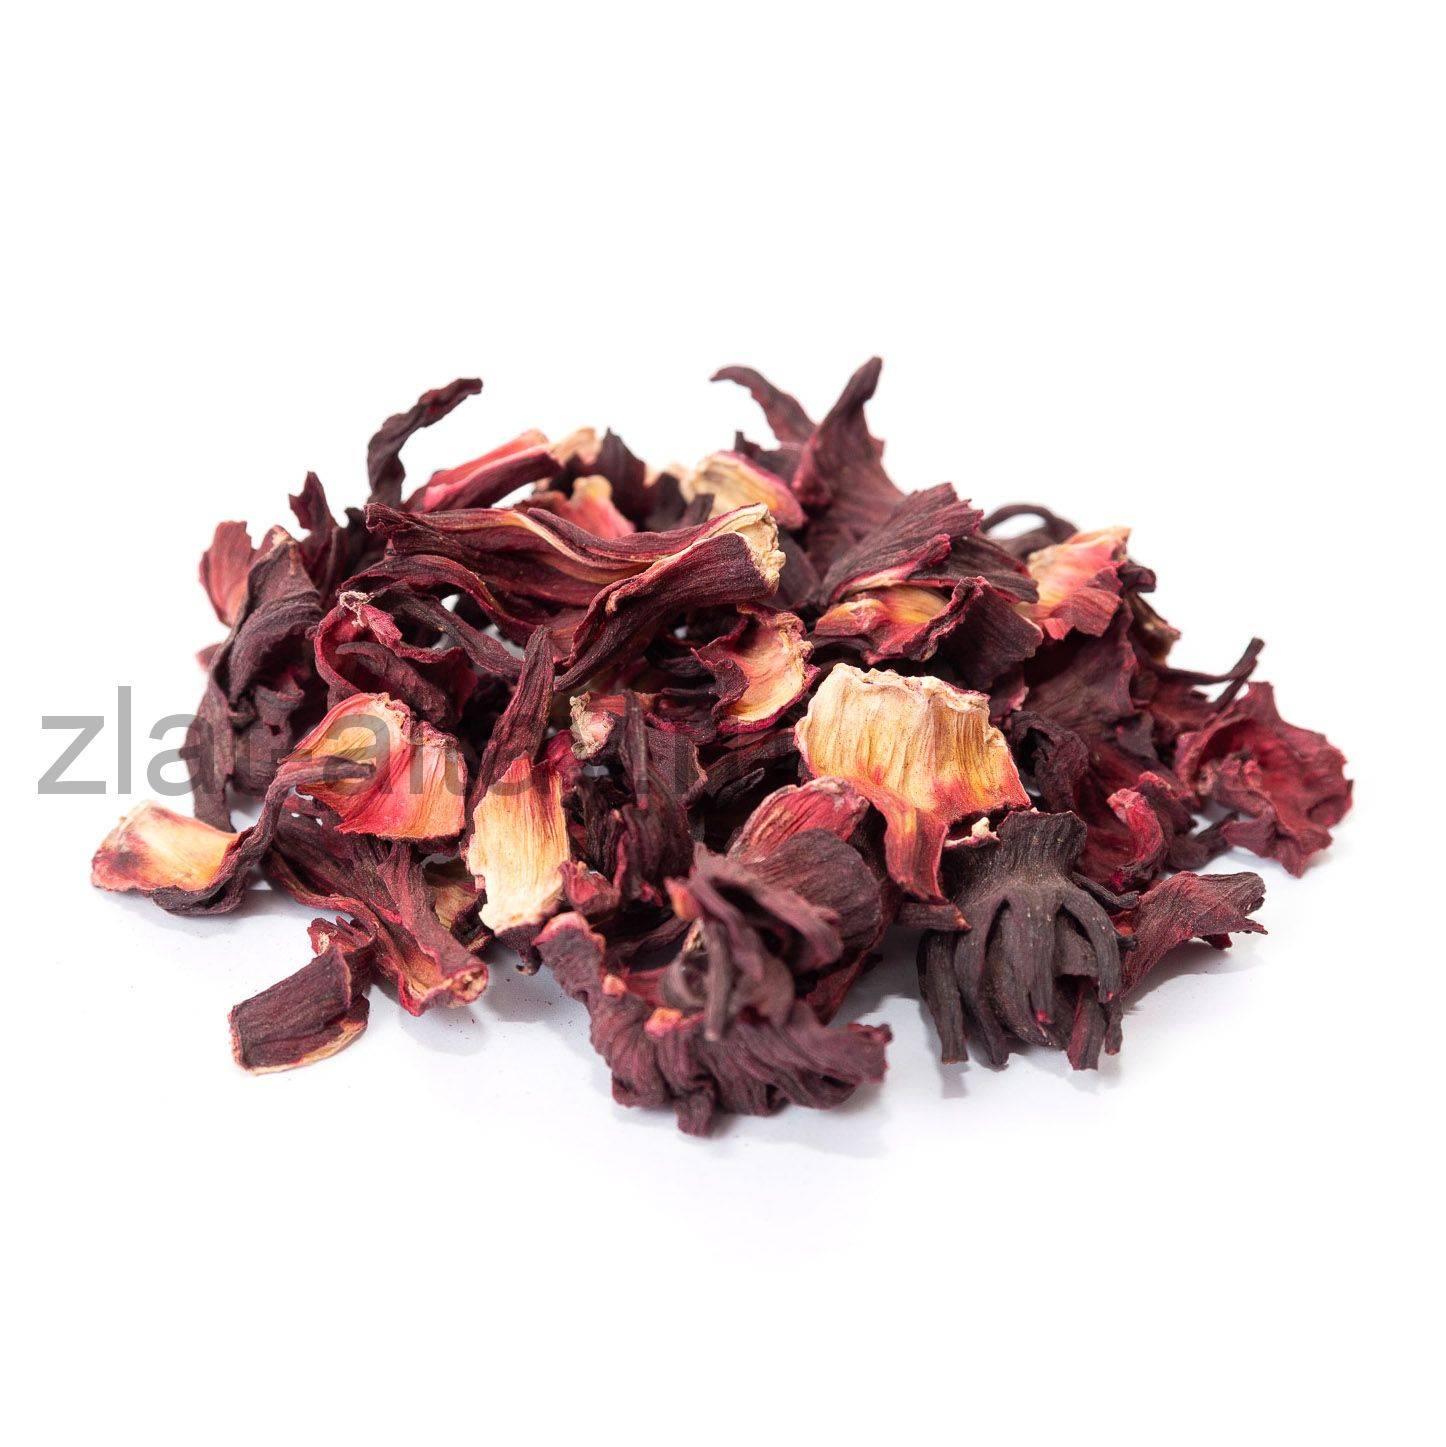 Чай каркаде: полезные свойства и противопоказания, рецепты заваривания